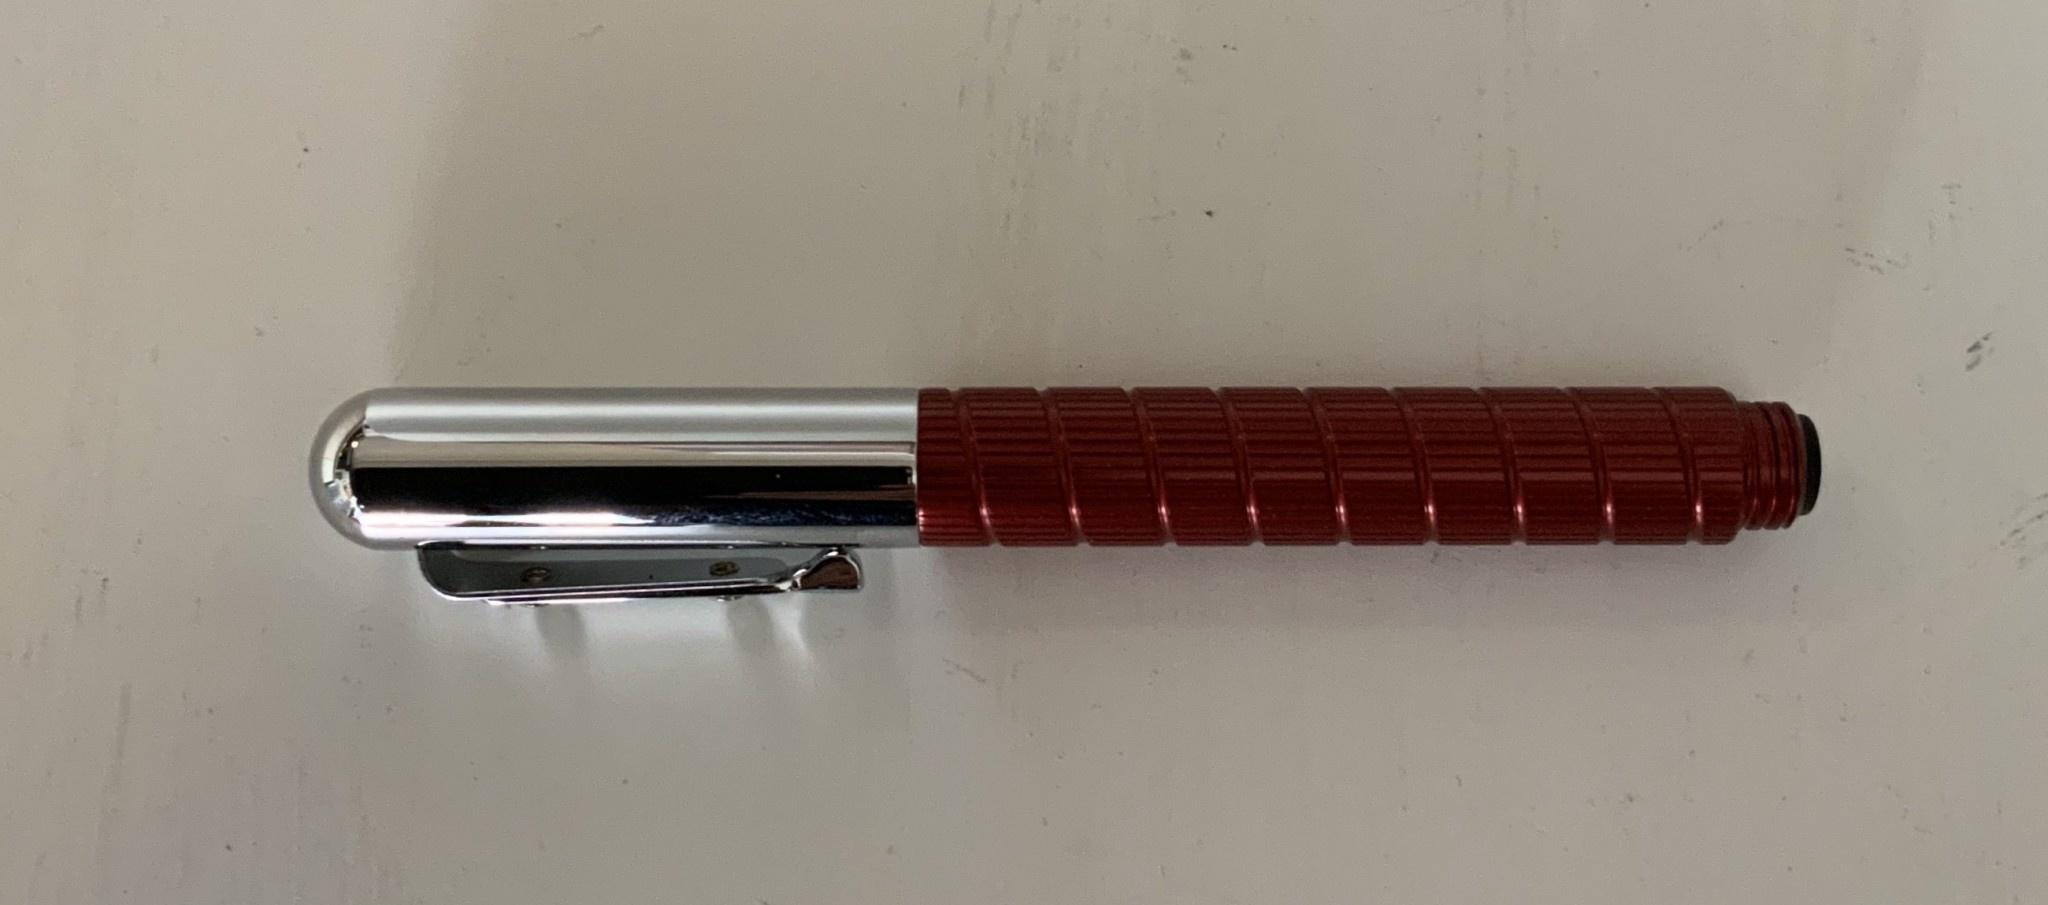 Giuliano Mazzuoli Officina Bichrome Pen End Mill - Red